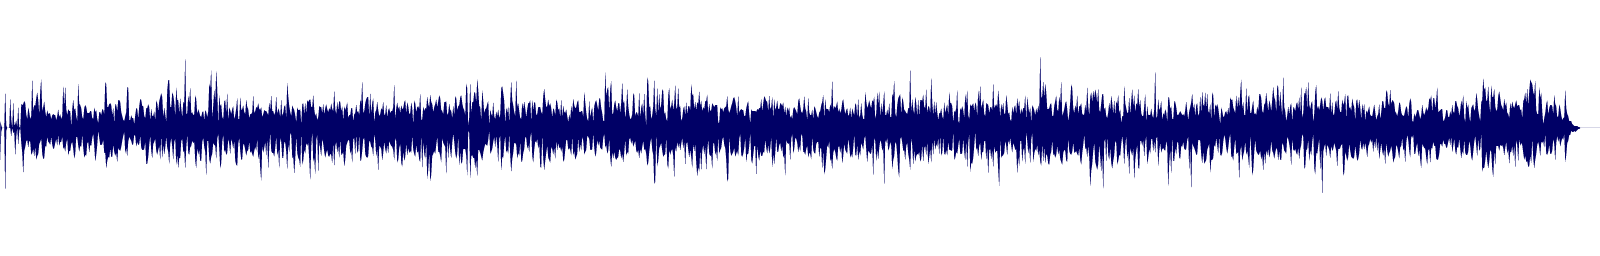 waveform of track #136438